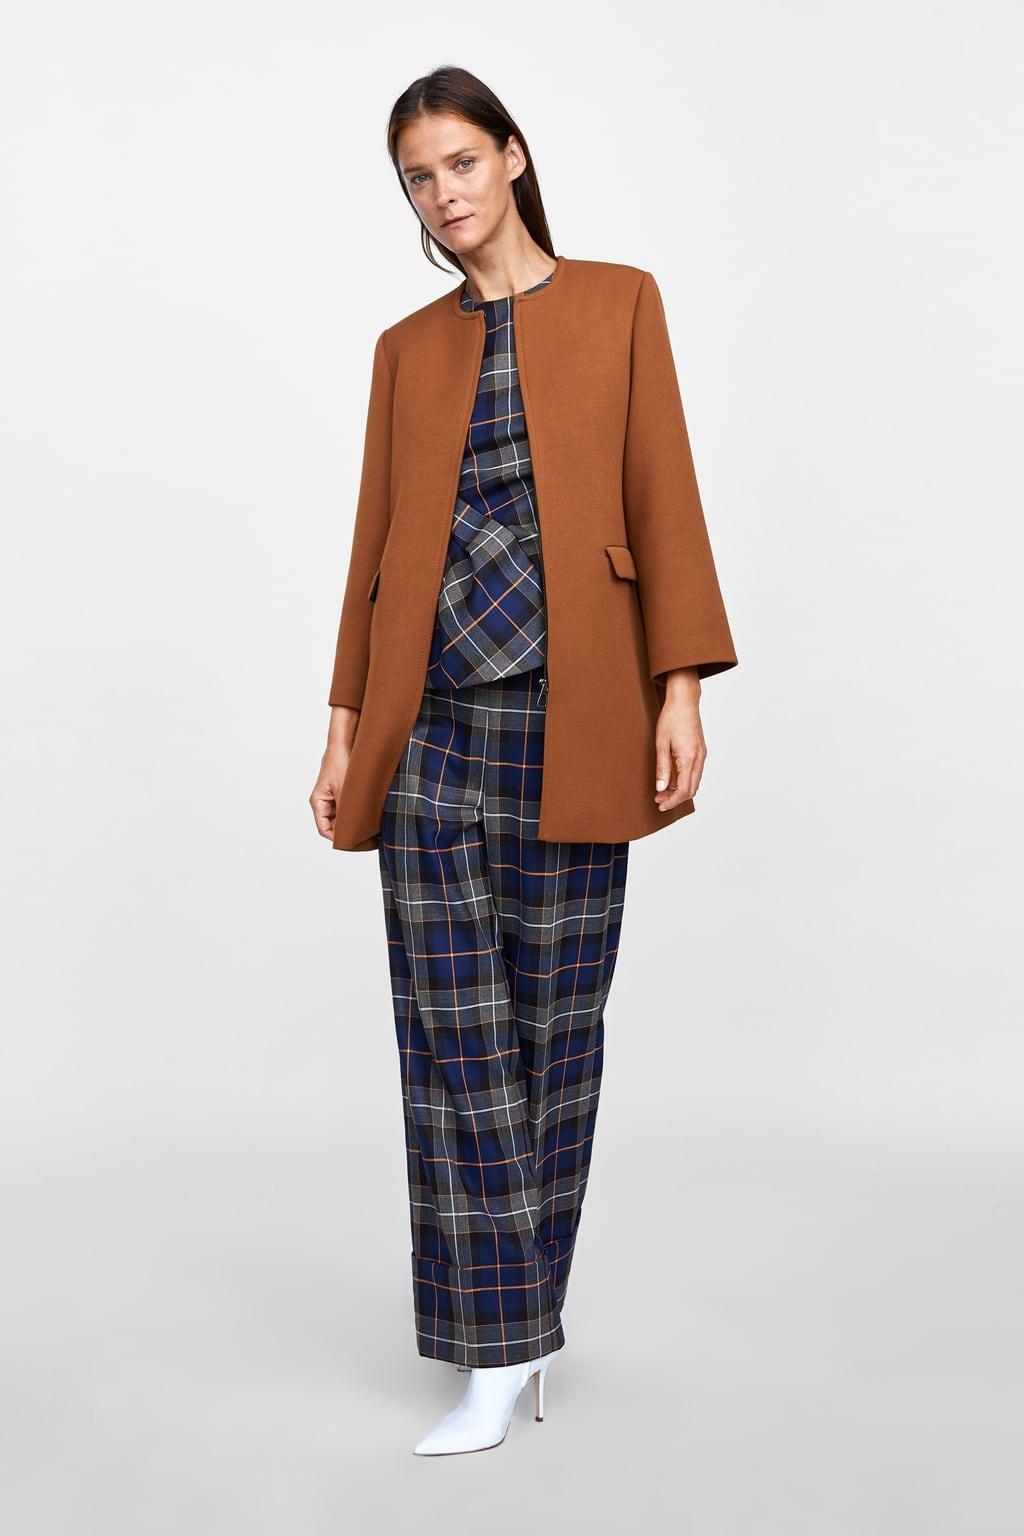 Zara brown jacket dreaspeaks